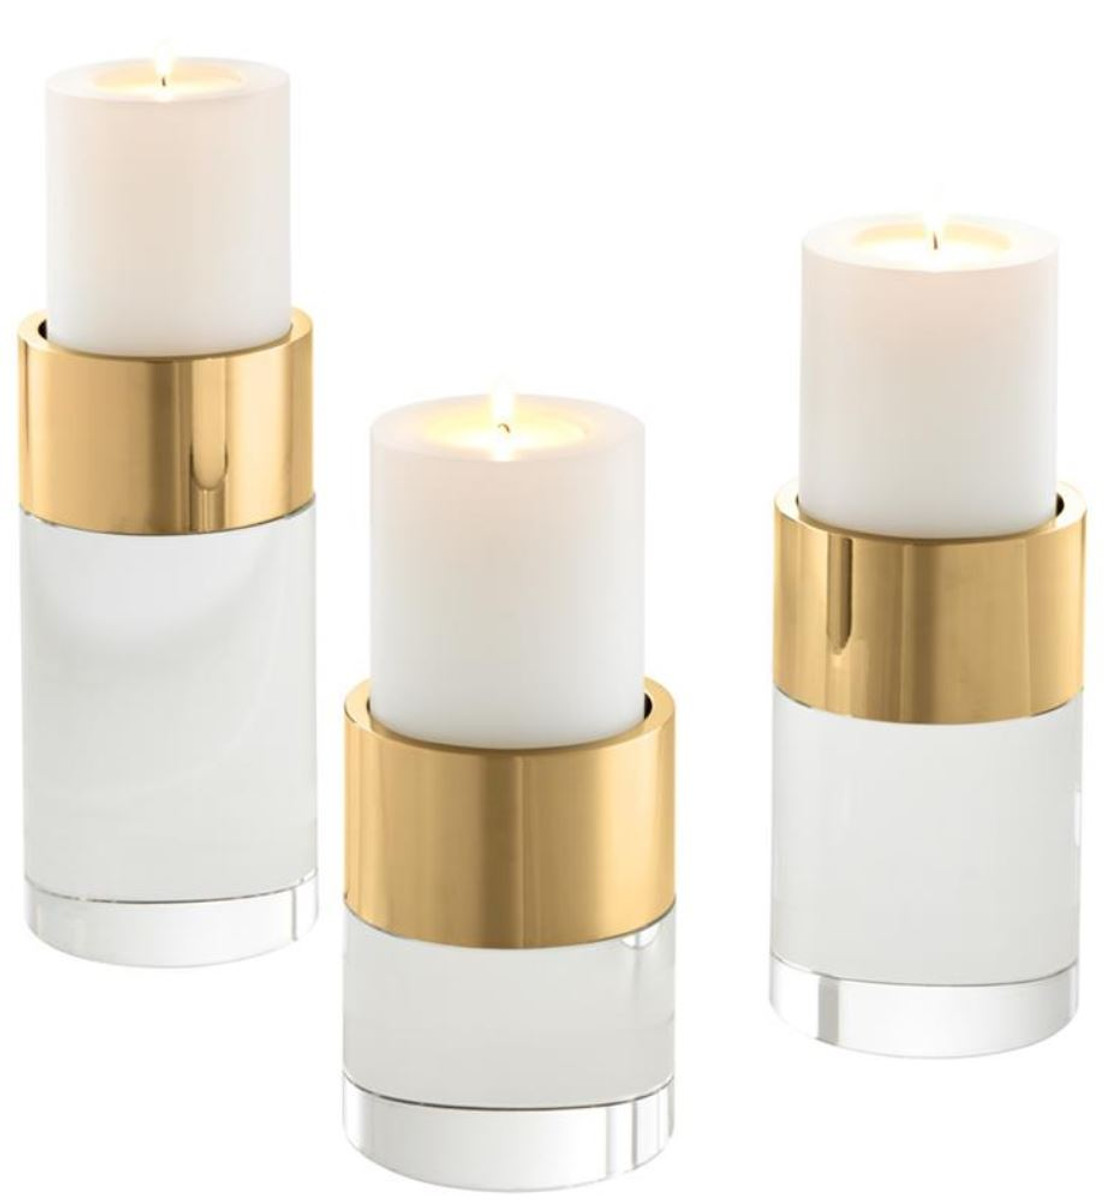 Casa Padrino Luxus Kristallglas Teelichthalter Set Gold - Wohnzimmer Deko